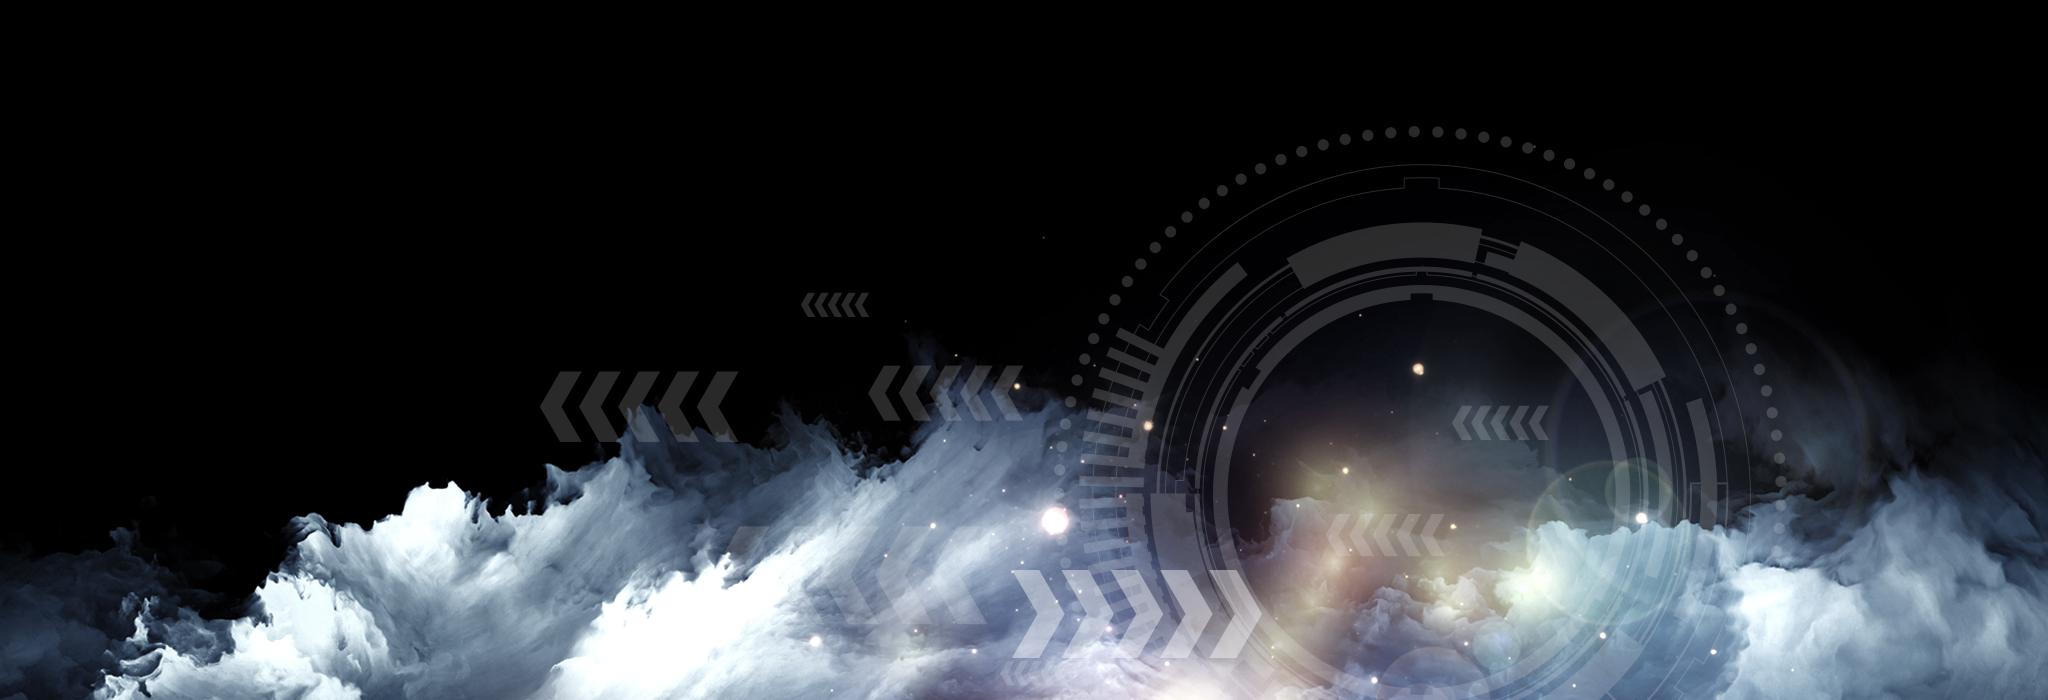 VantageCloud-image-Retina